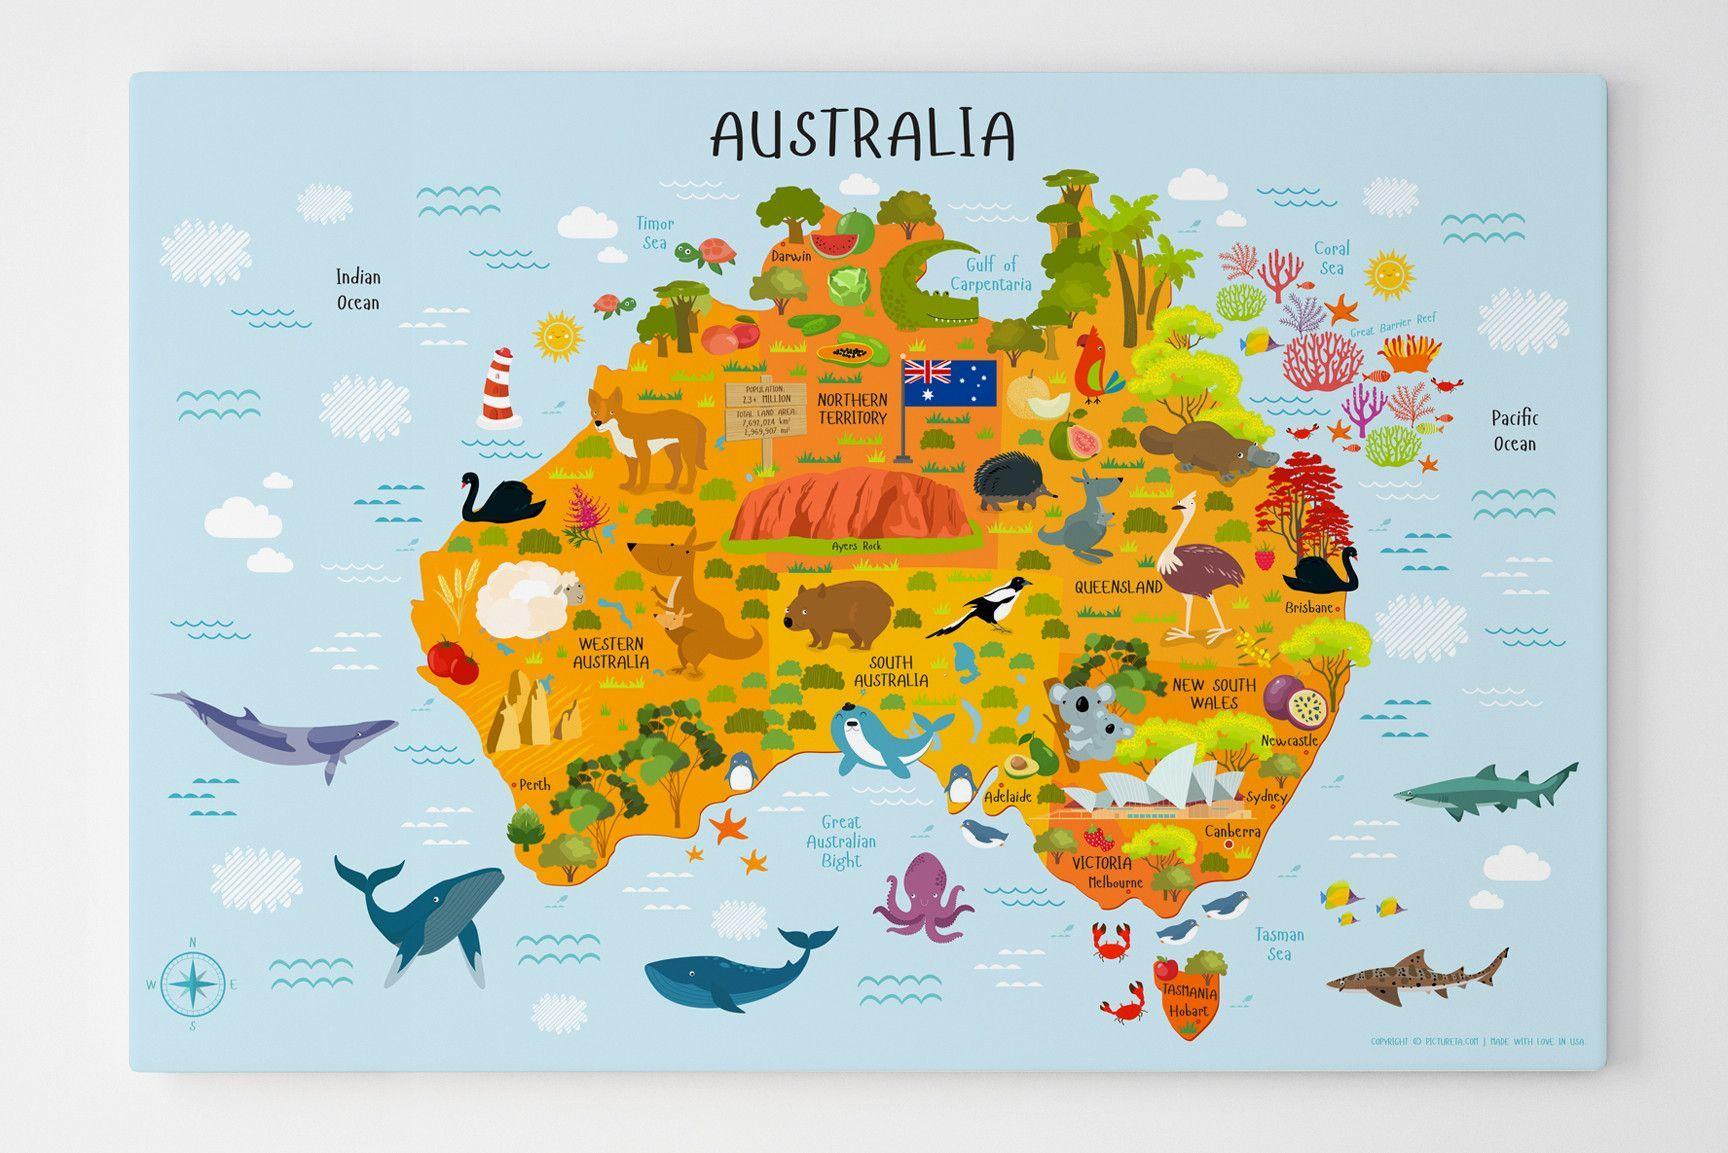 Australia Map For Kids Australia For Kids Physical Map